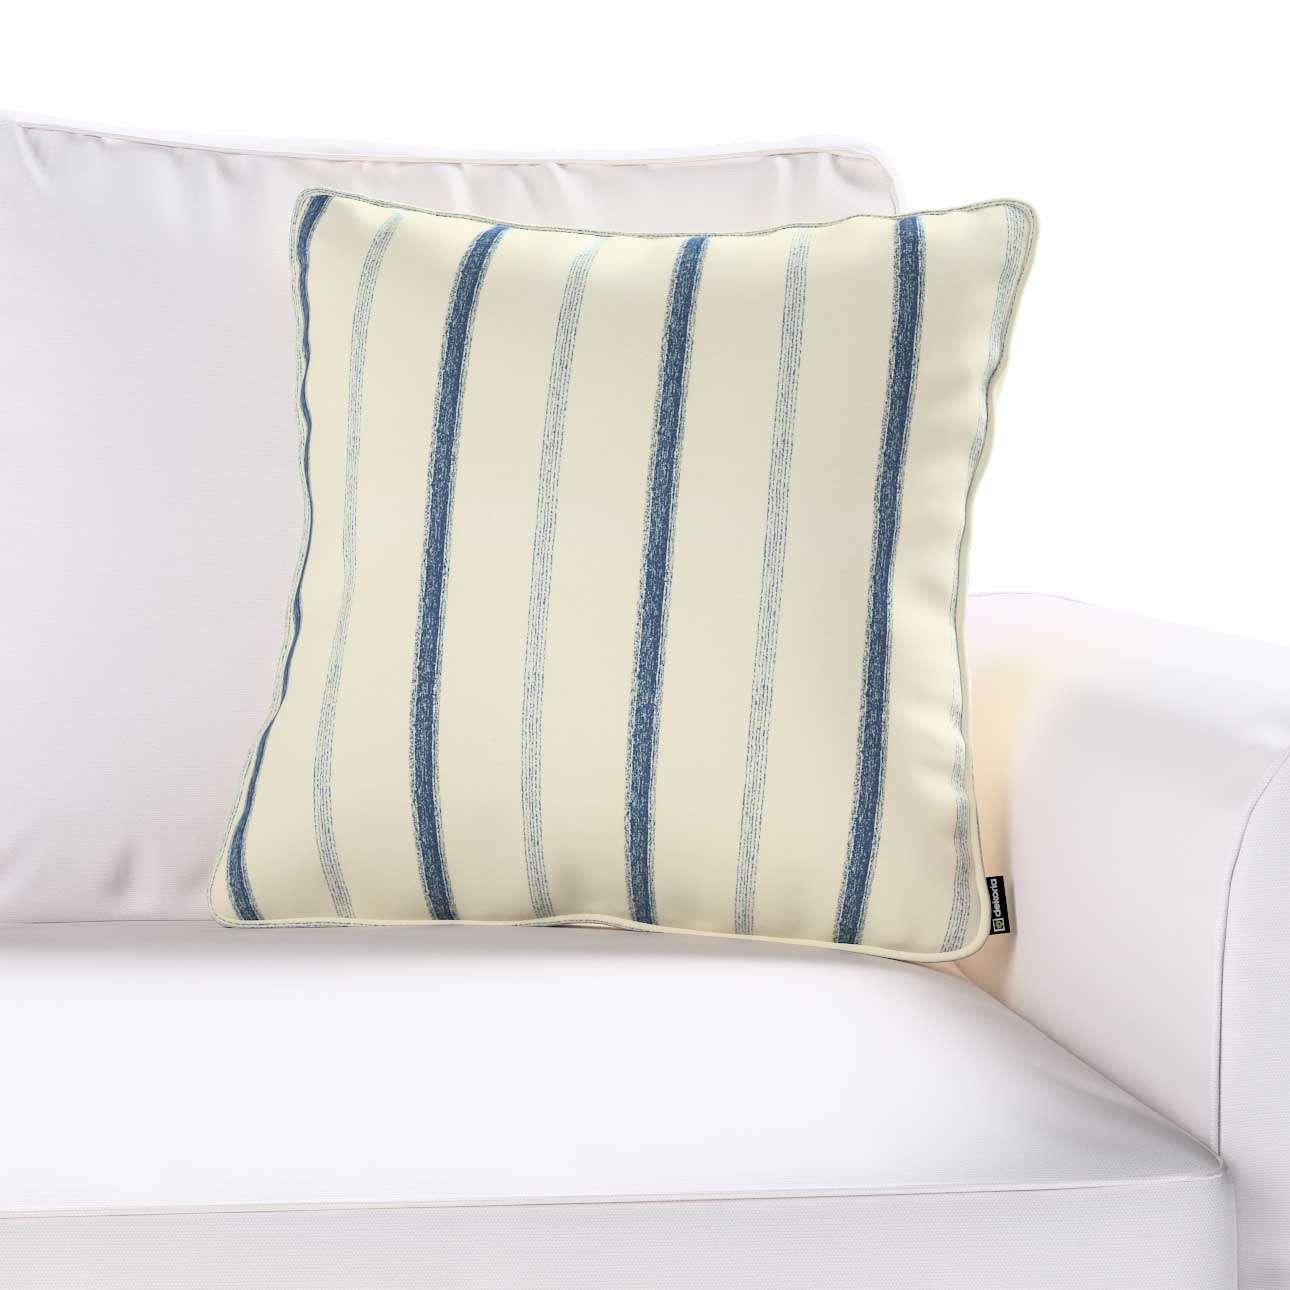 Poszewka Gabi na poduszkę w kolekcji Avinon, tkanina: 129-66